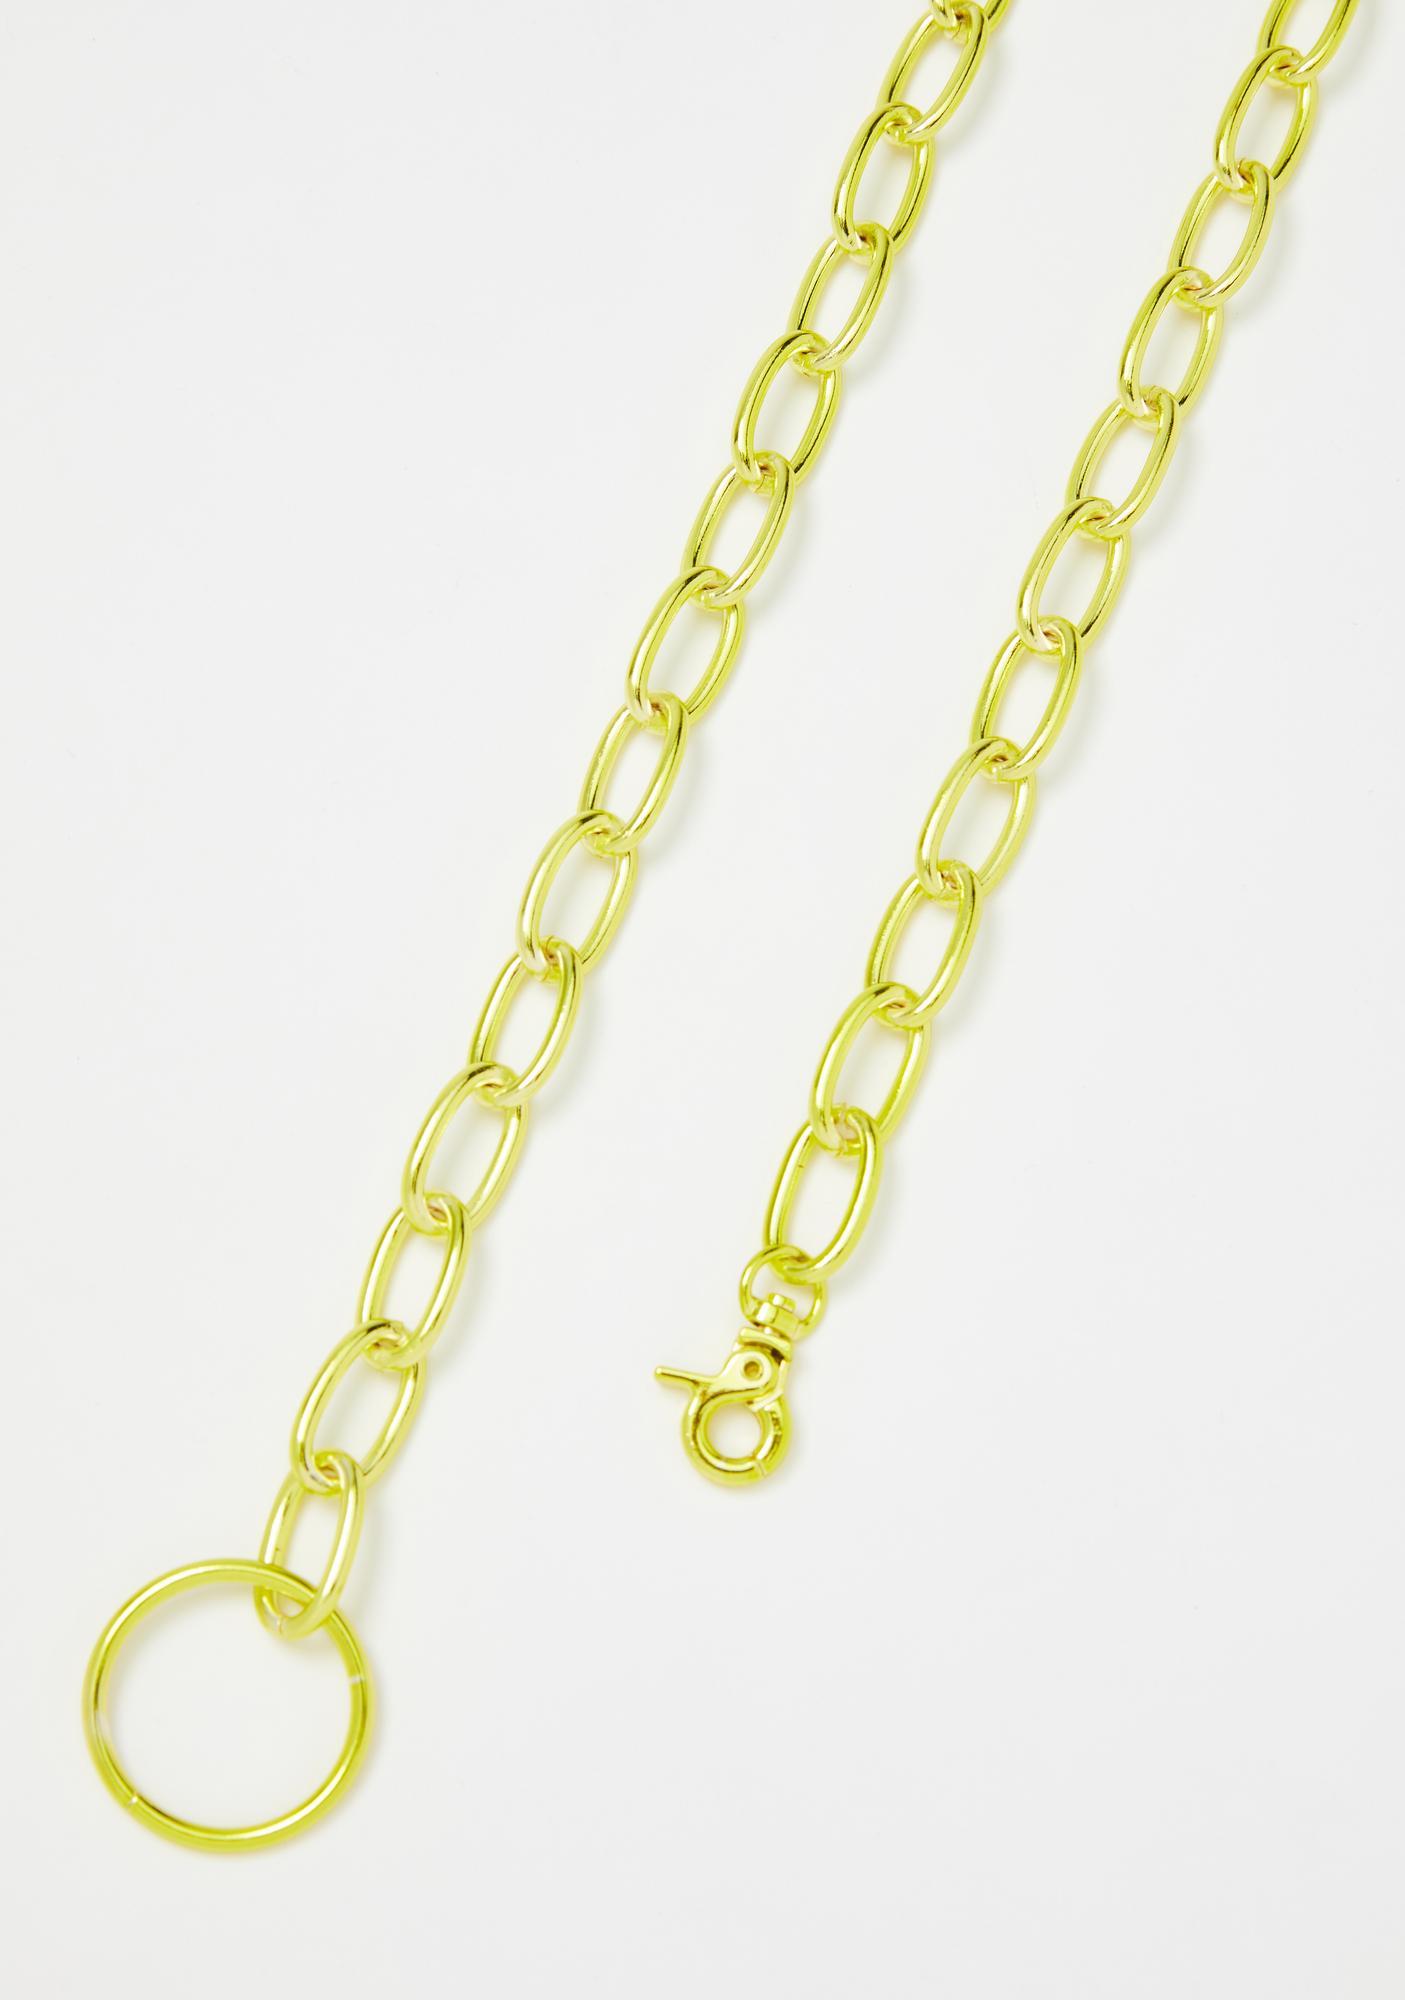 Emotional Gangsta Waist Chain